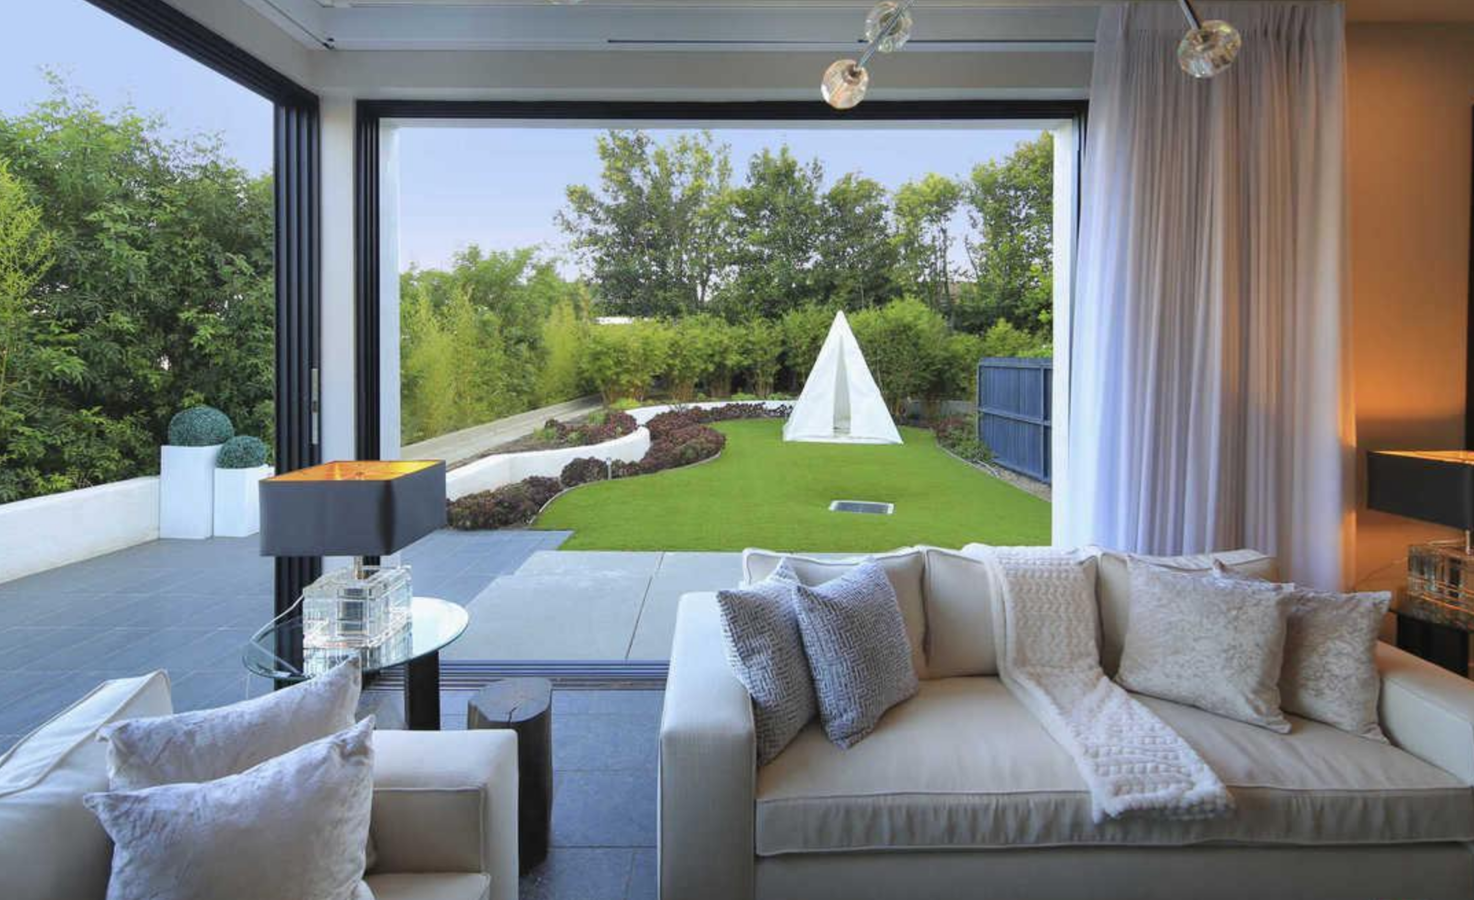 Salon y jardin de la casa de Demi Lovato en Los Angeles